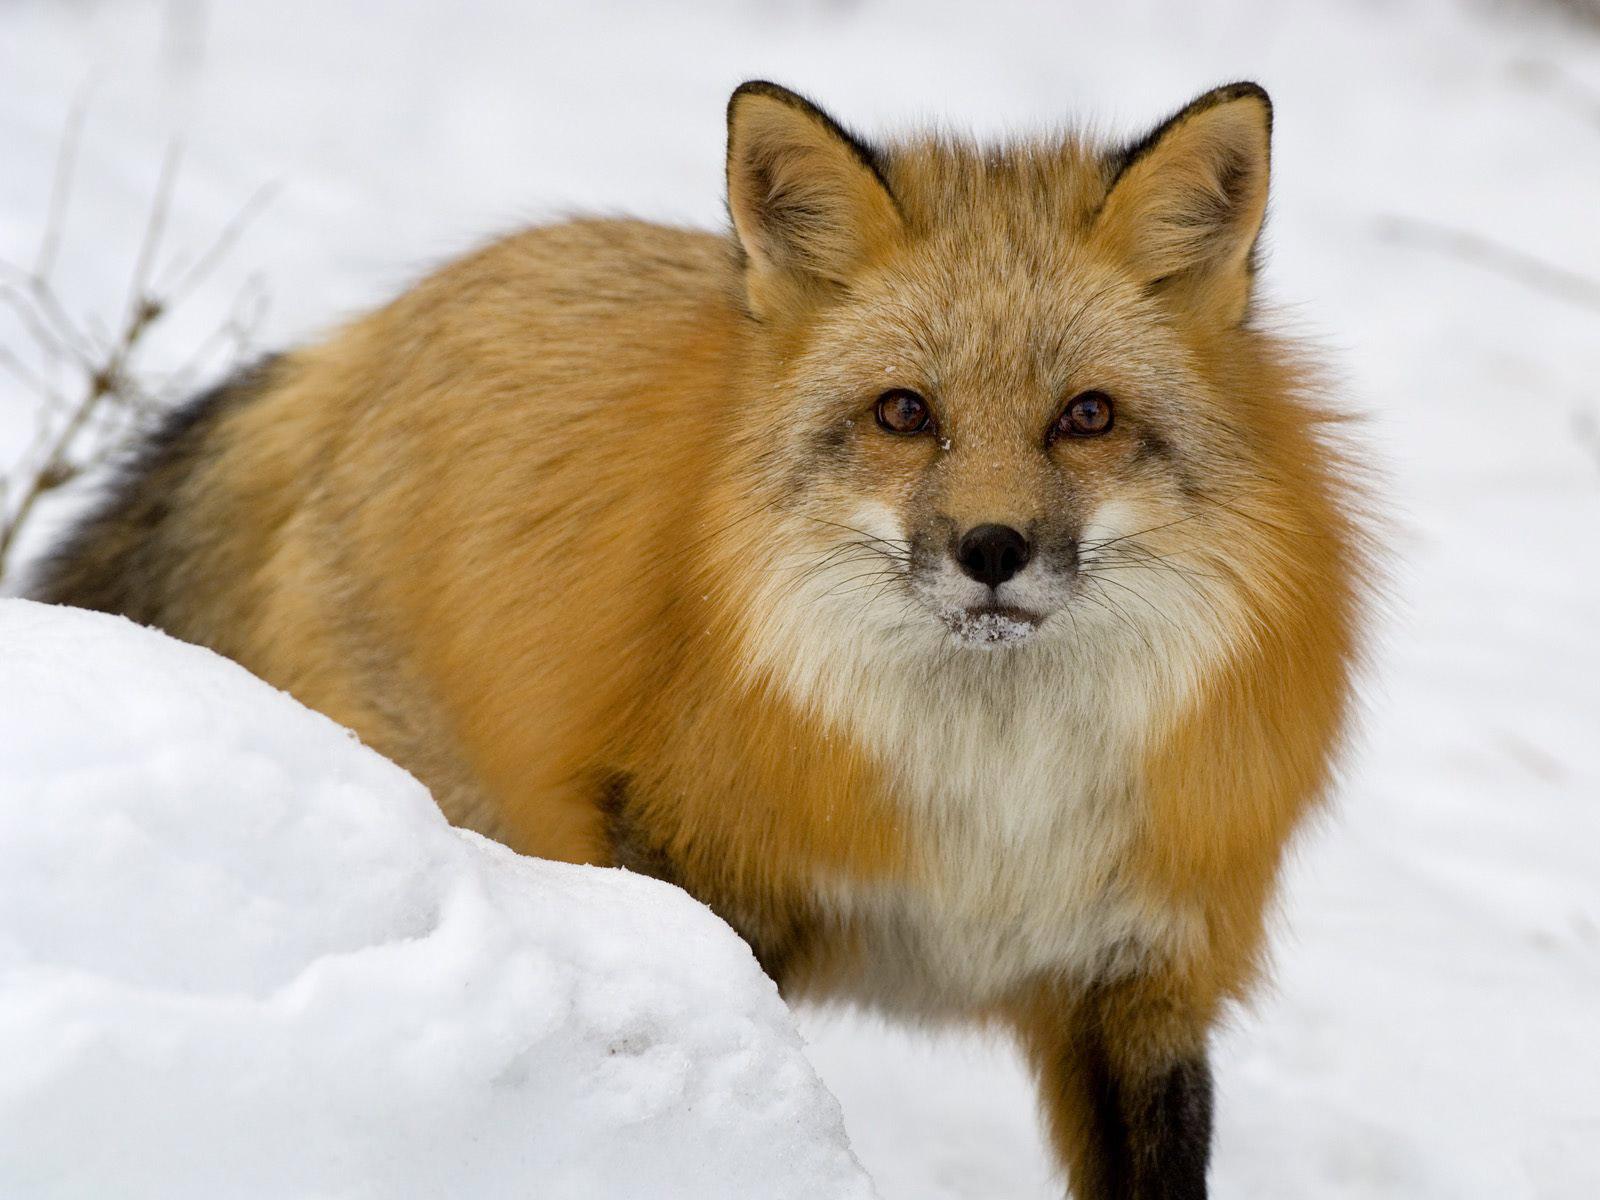 http://1.bp.blogspot.com/-B5I10sEEhjs/UNtfvcI4YkI/AAAAAAAACmk/jpOZHxtt0AU/s1600/Red-Fox-photos-2012%2005.jpg